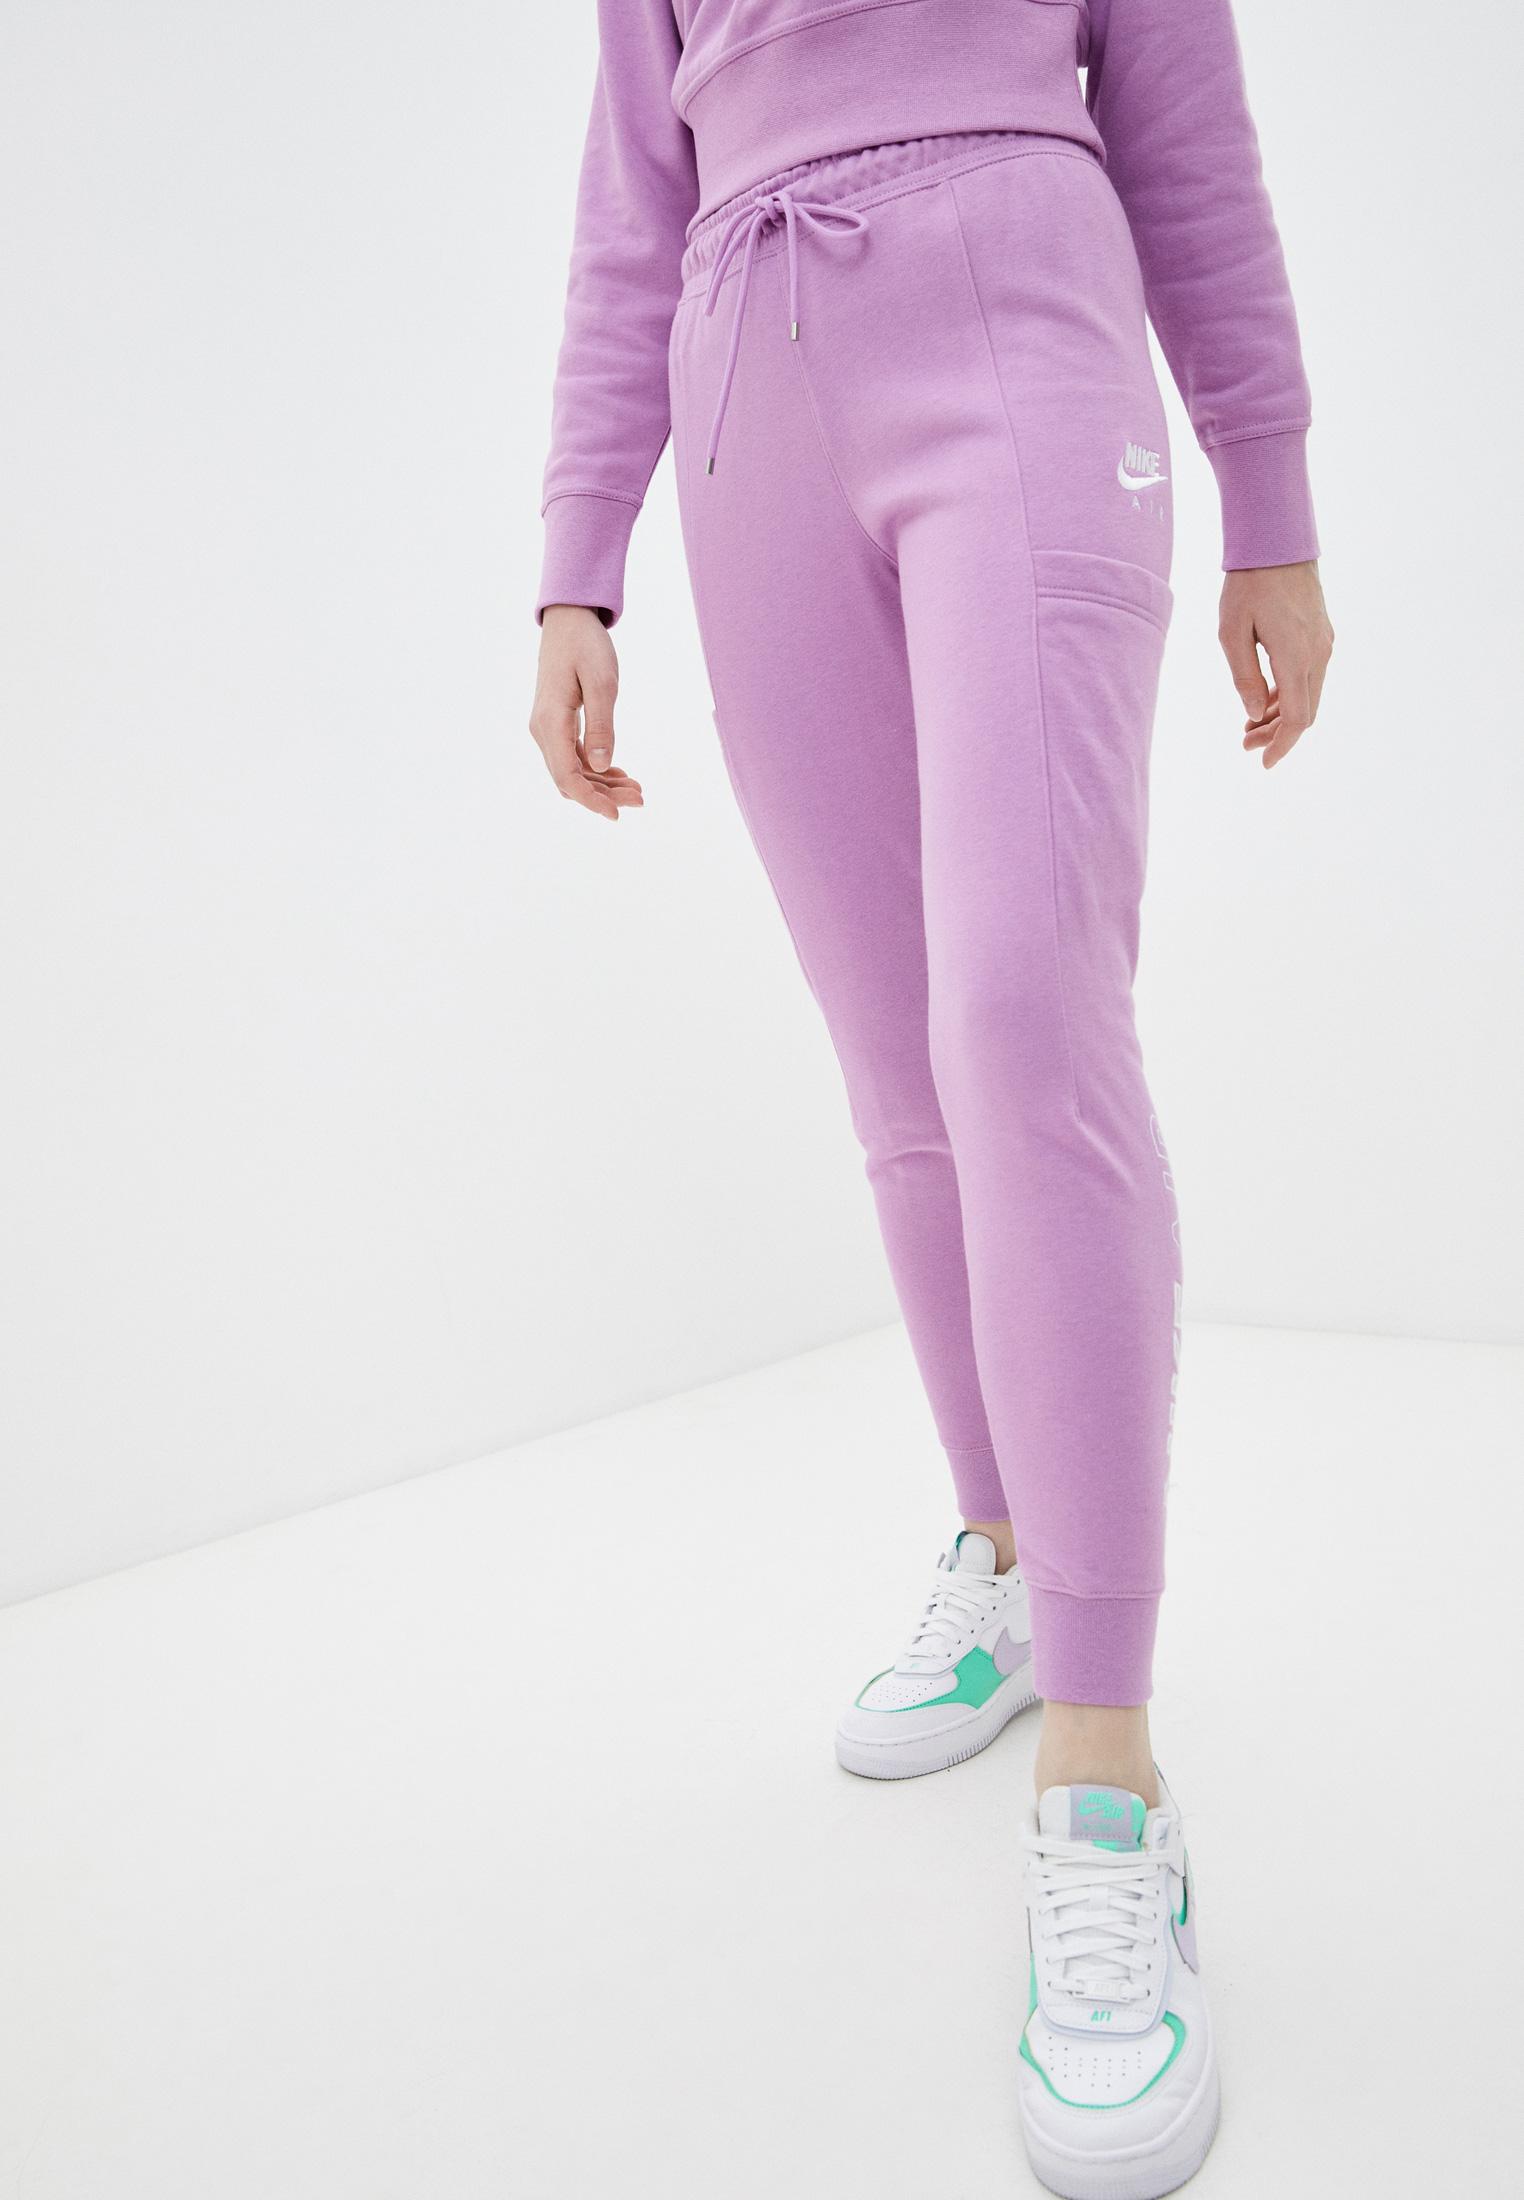 Женские брюки Nike (Найк) Брюки спортивные Nike